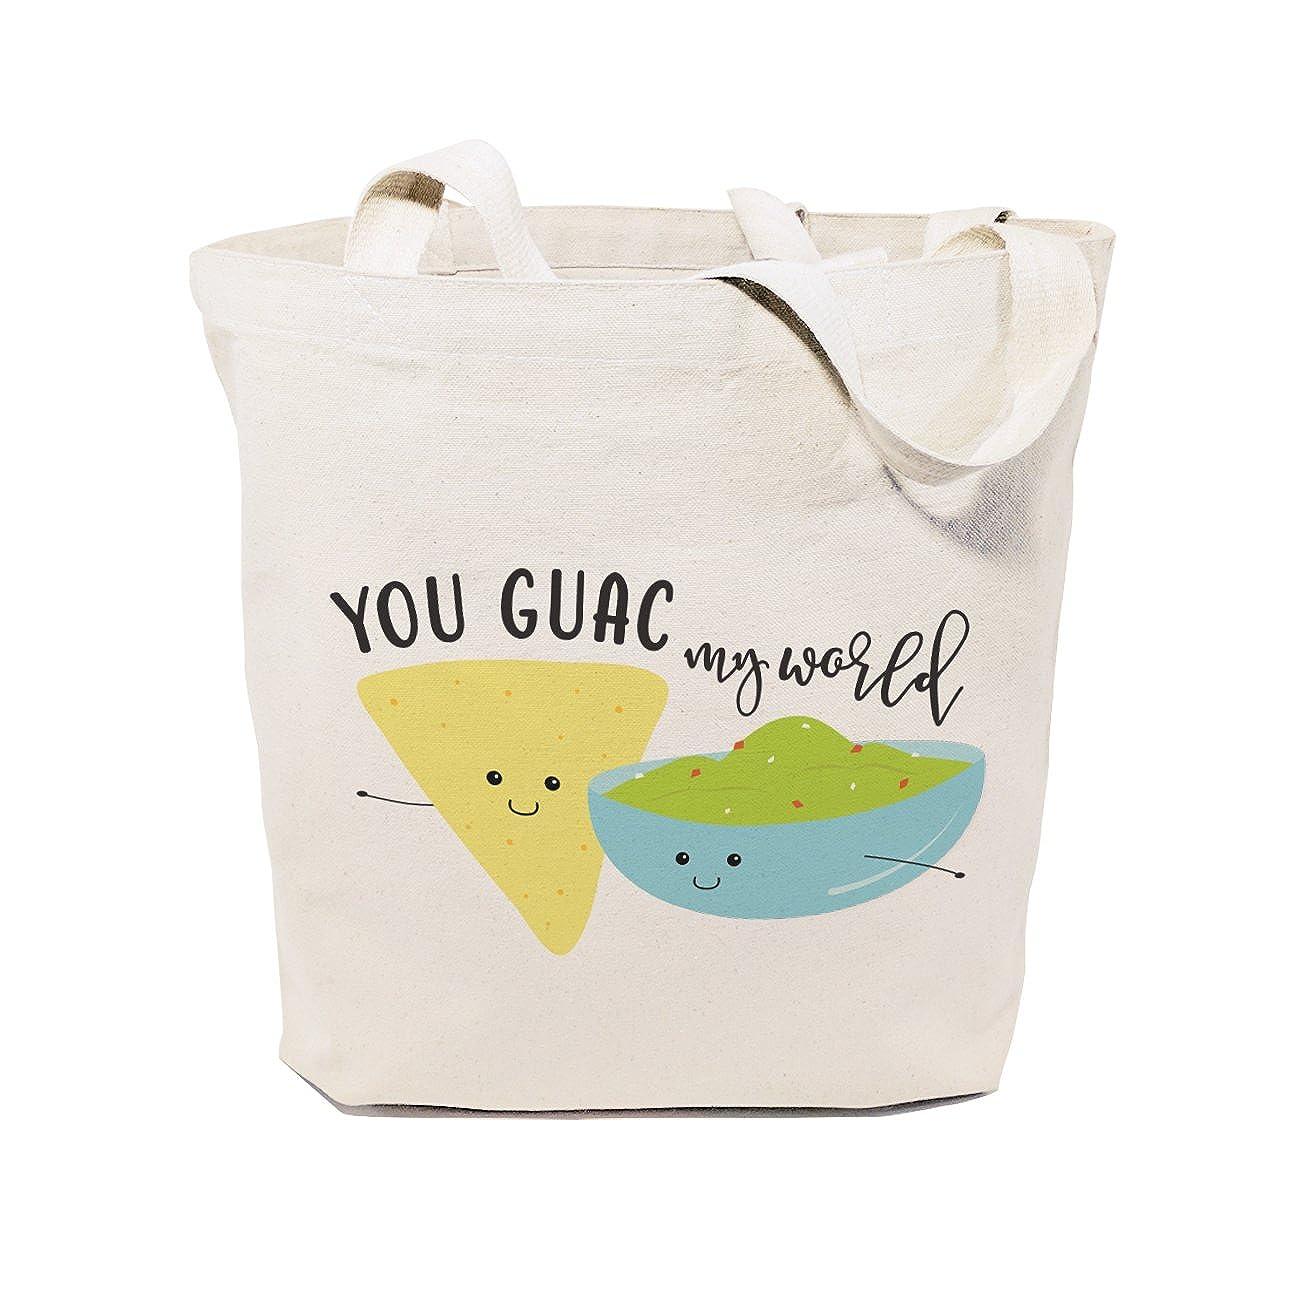 早割クーポン! The You Cotton & Guac Canvas Co. レディース World B07B8VVJDS You Guac My World You Guac My World, ヴィヴィアン マルシェ:2c187528 --- 4x4.lt